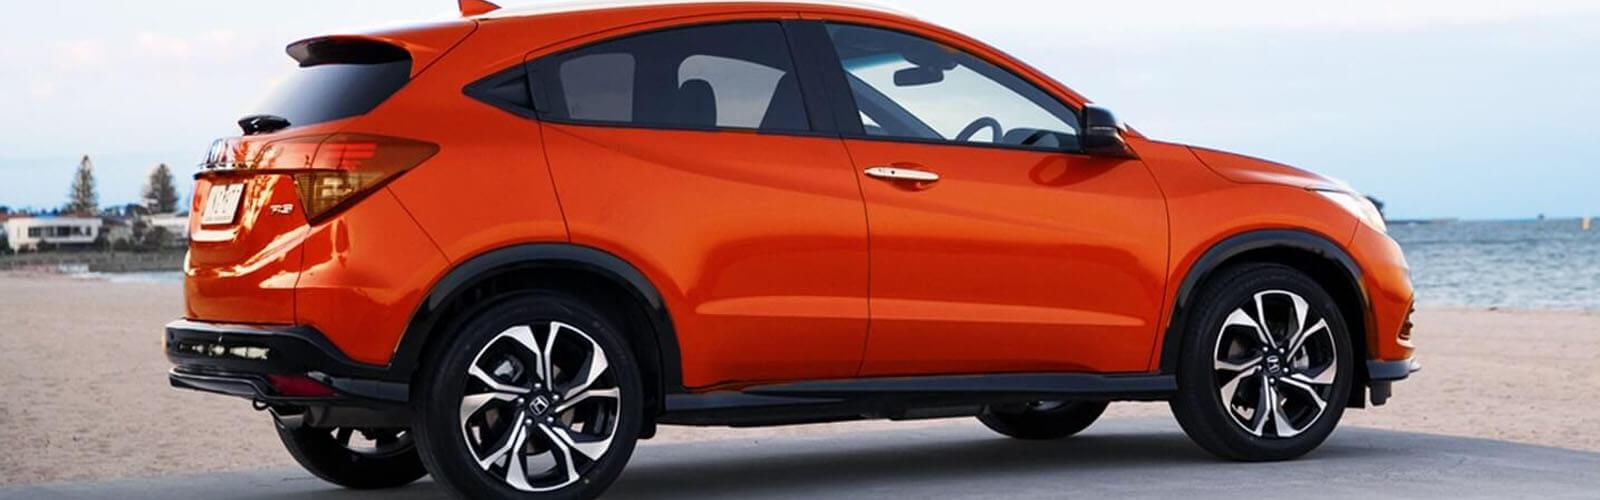 New Honda New Hr V For Sale In Tamworth Woodleys Honda